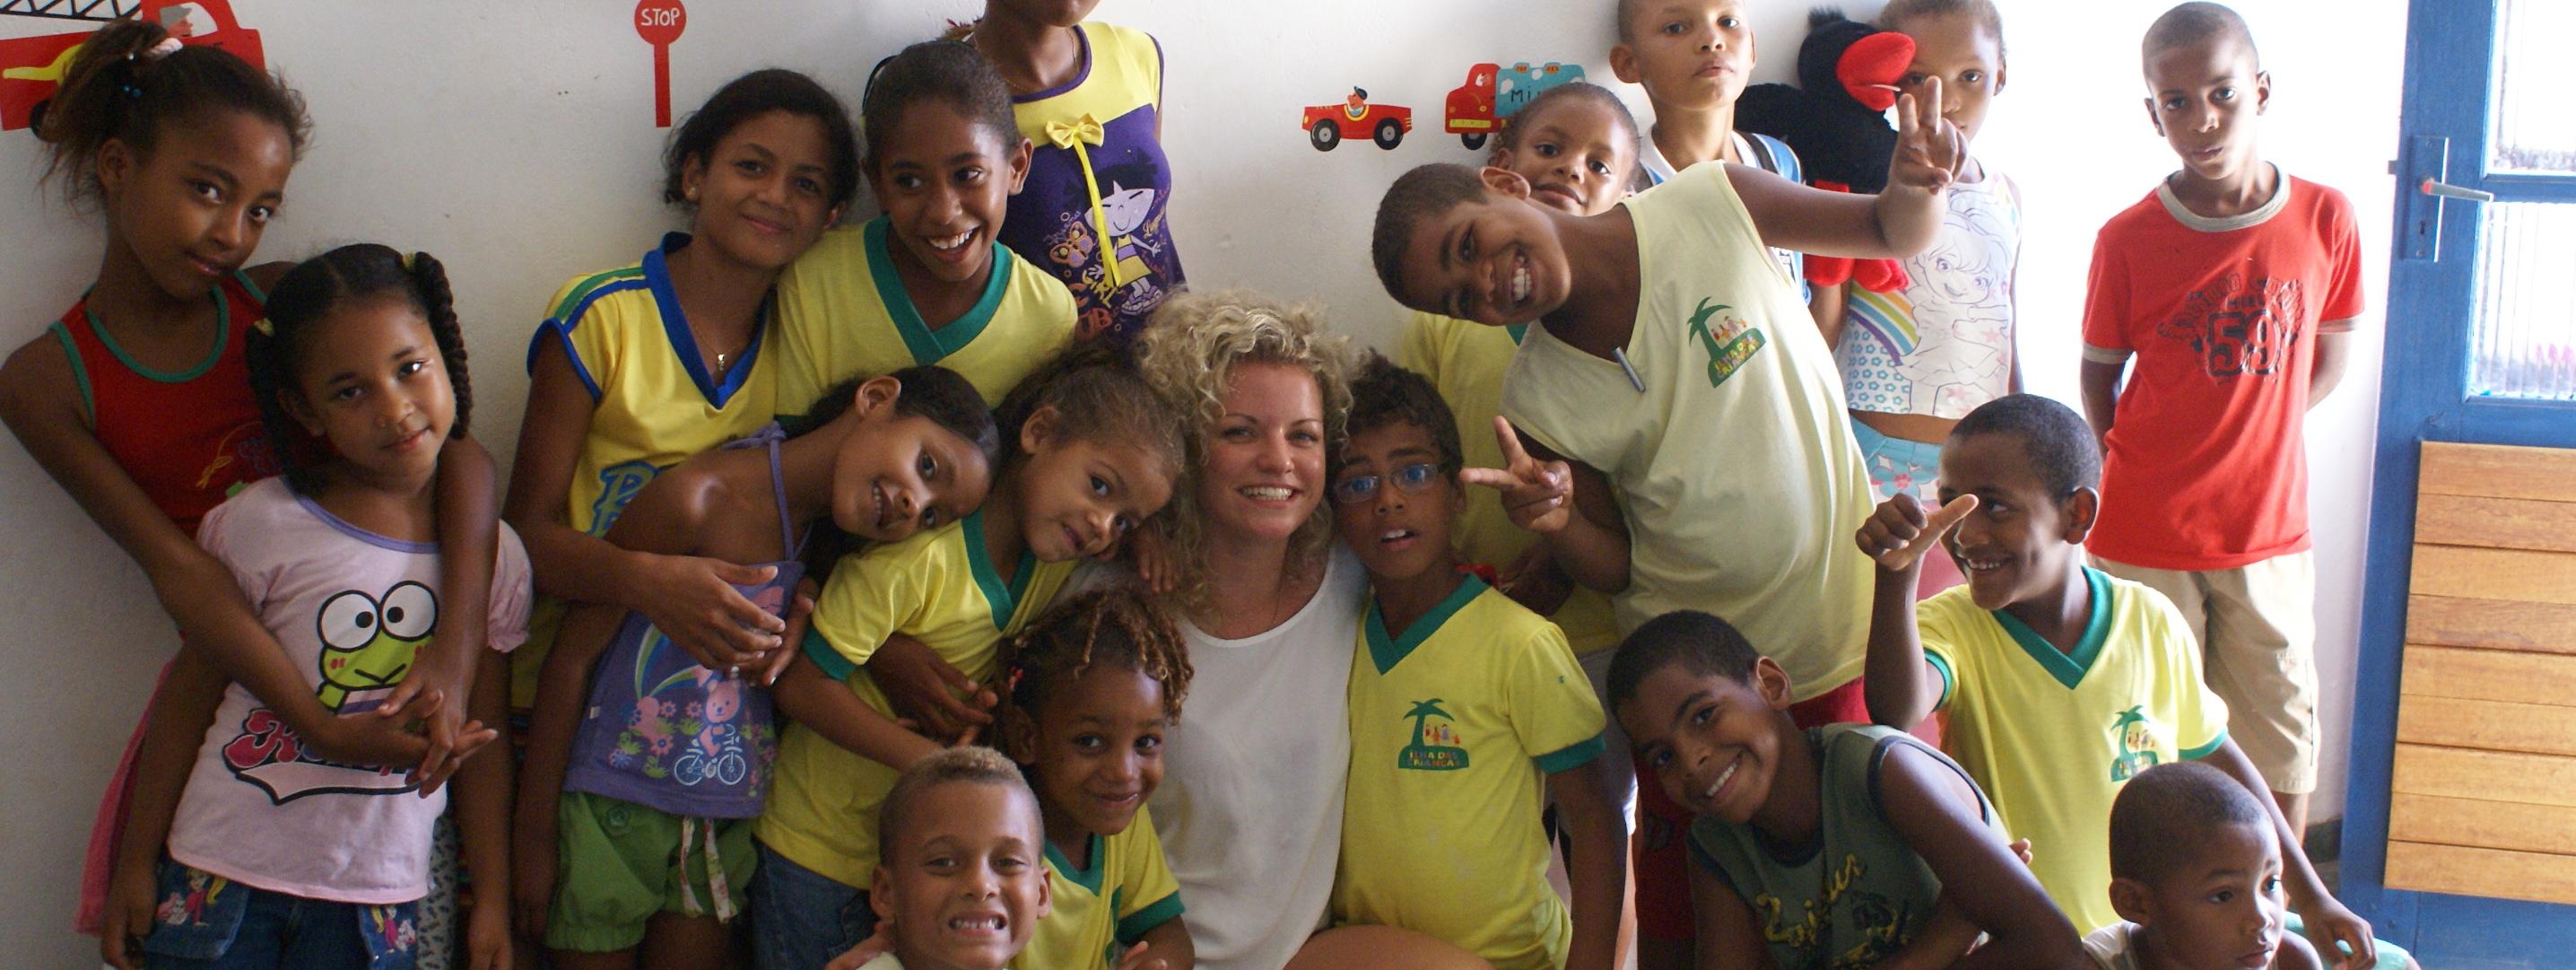 Geschäftsführerin Ulrike Kramer verbringt viel Zeit mit den Kindern vor Ort